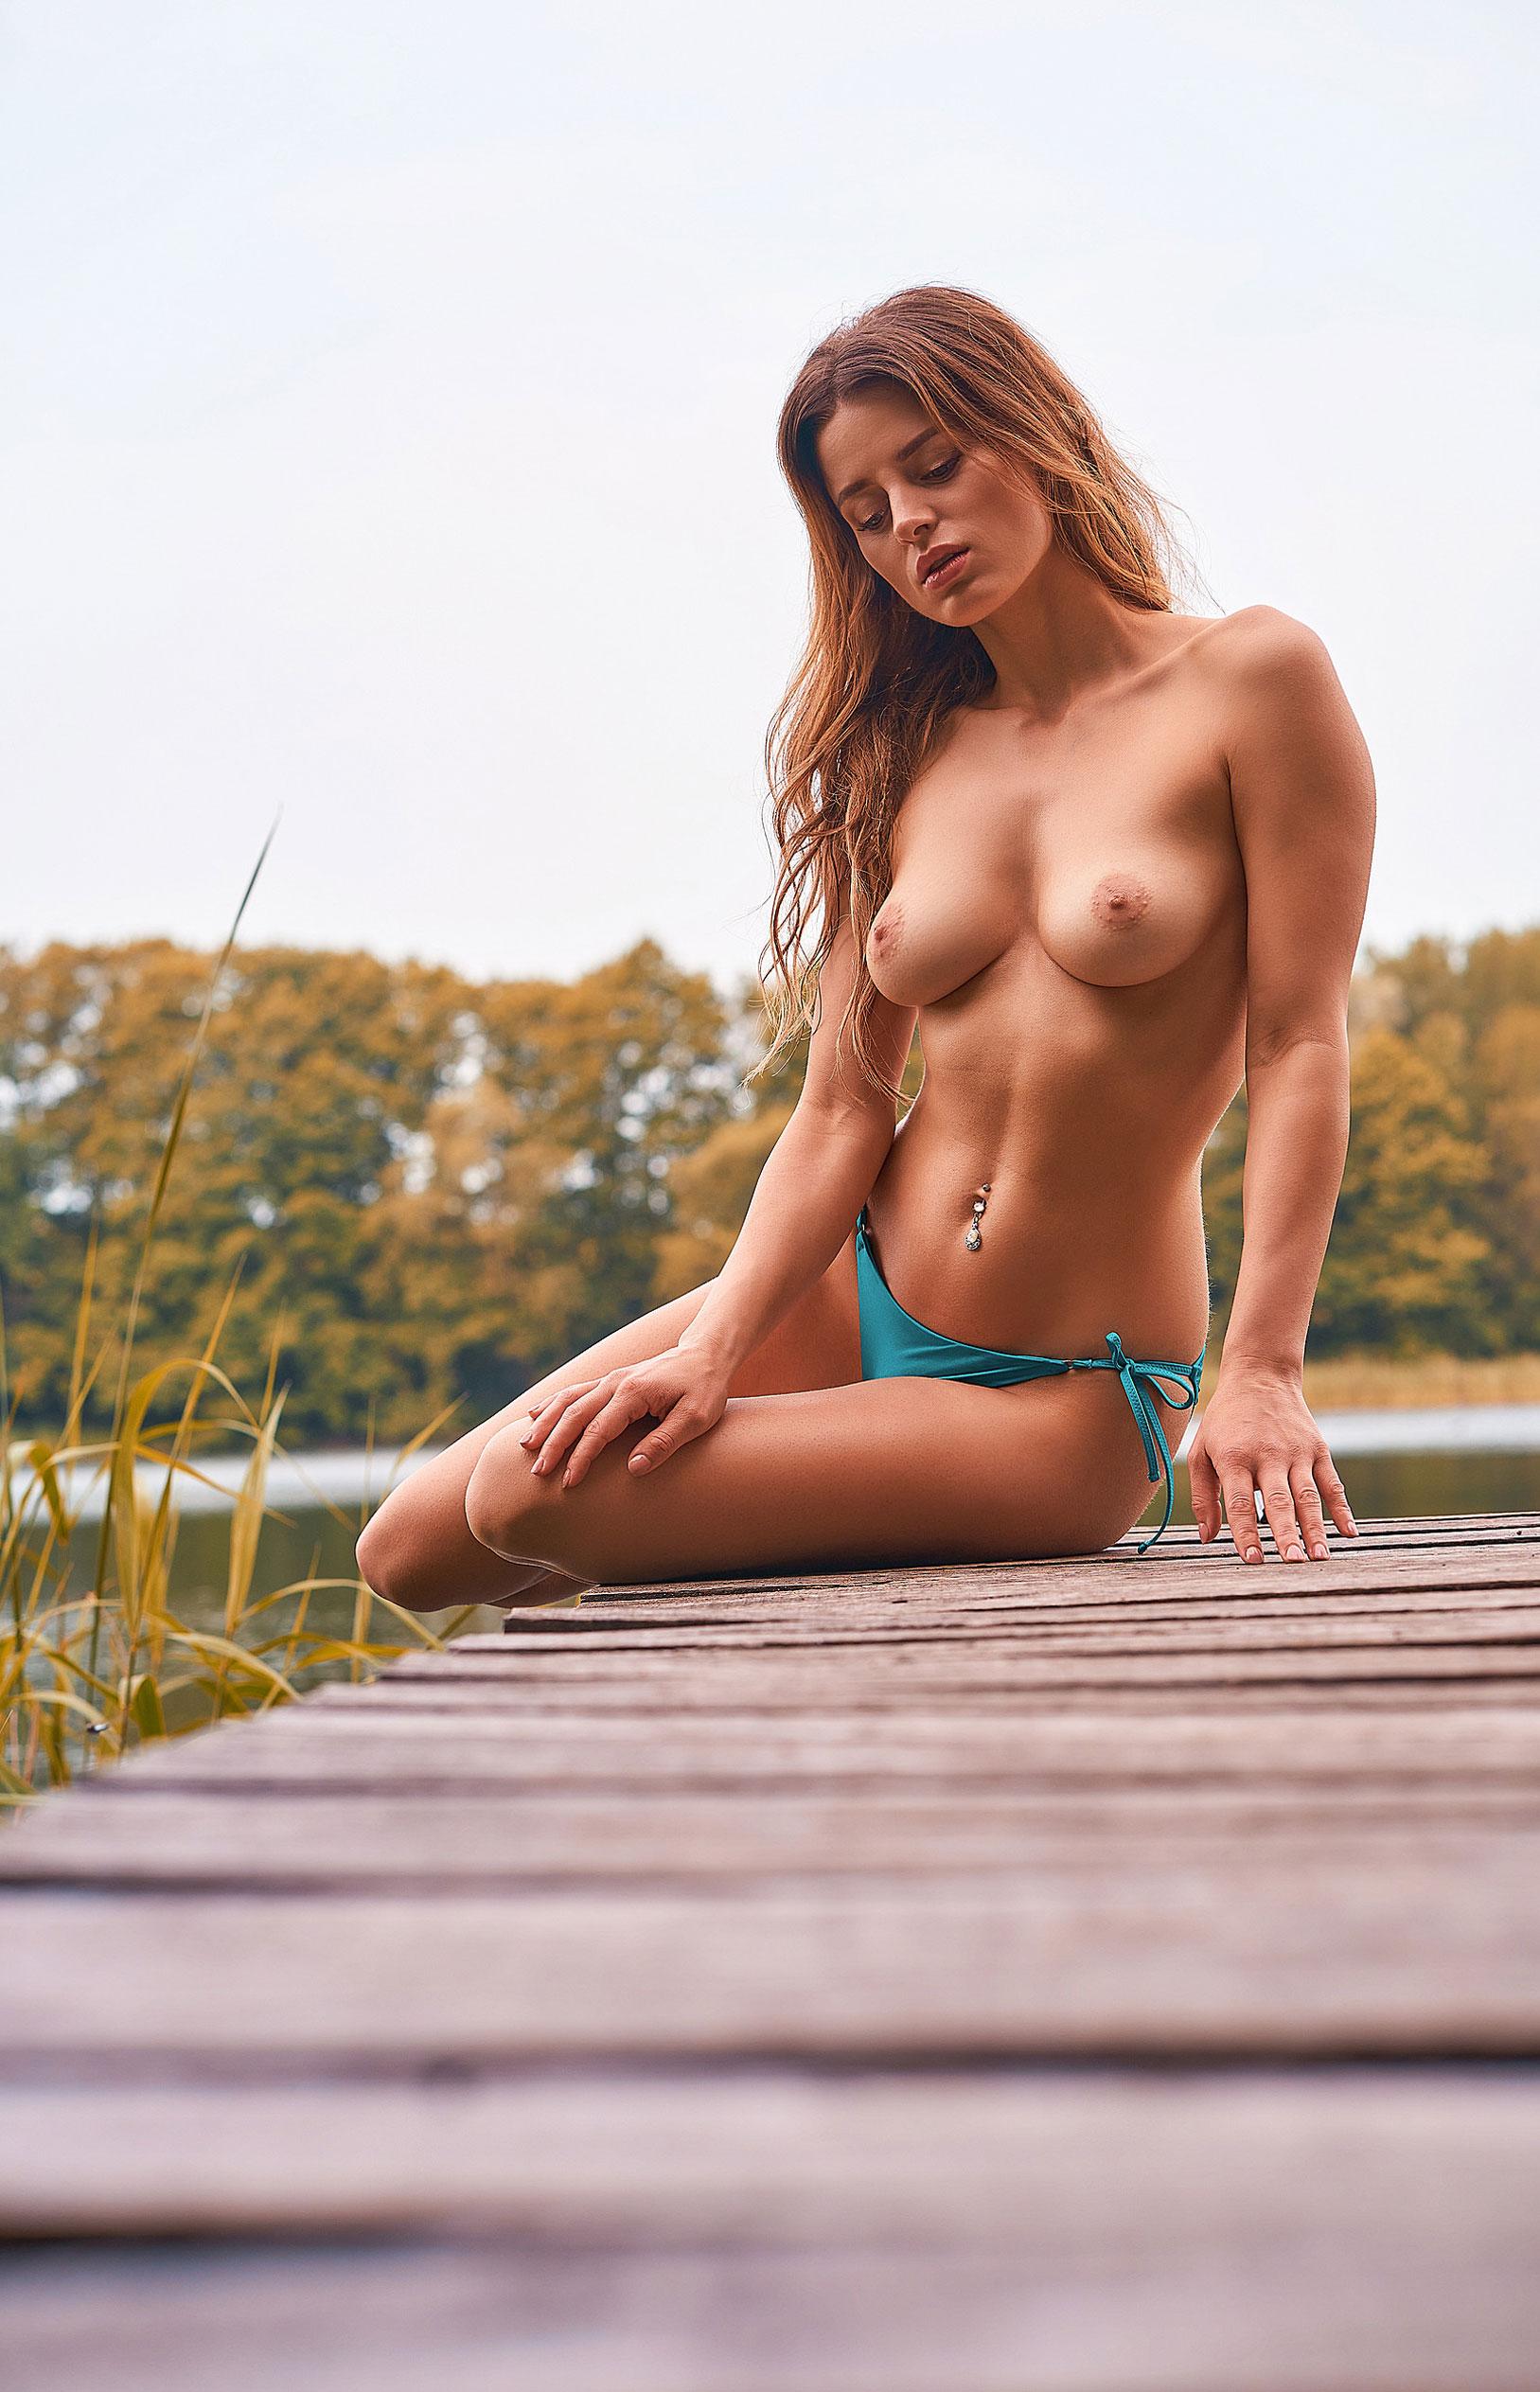 голая медсестра / Девушка месяца немецкого Playboy в июне 2020-го - Джини Валдхейм / фото 07